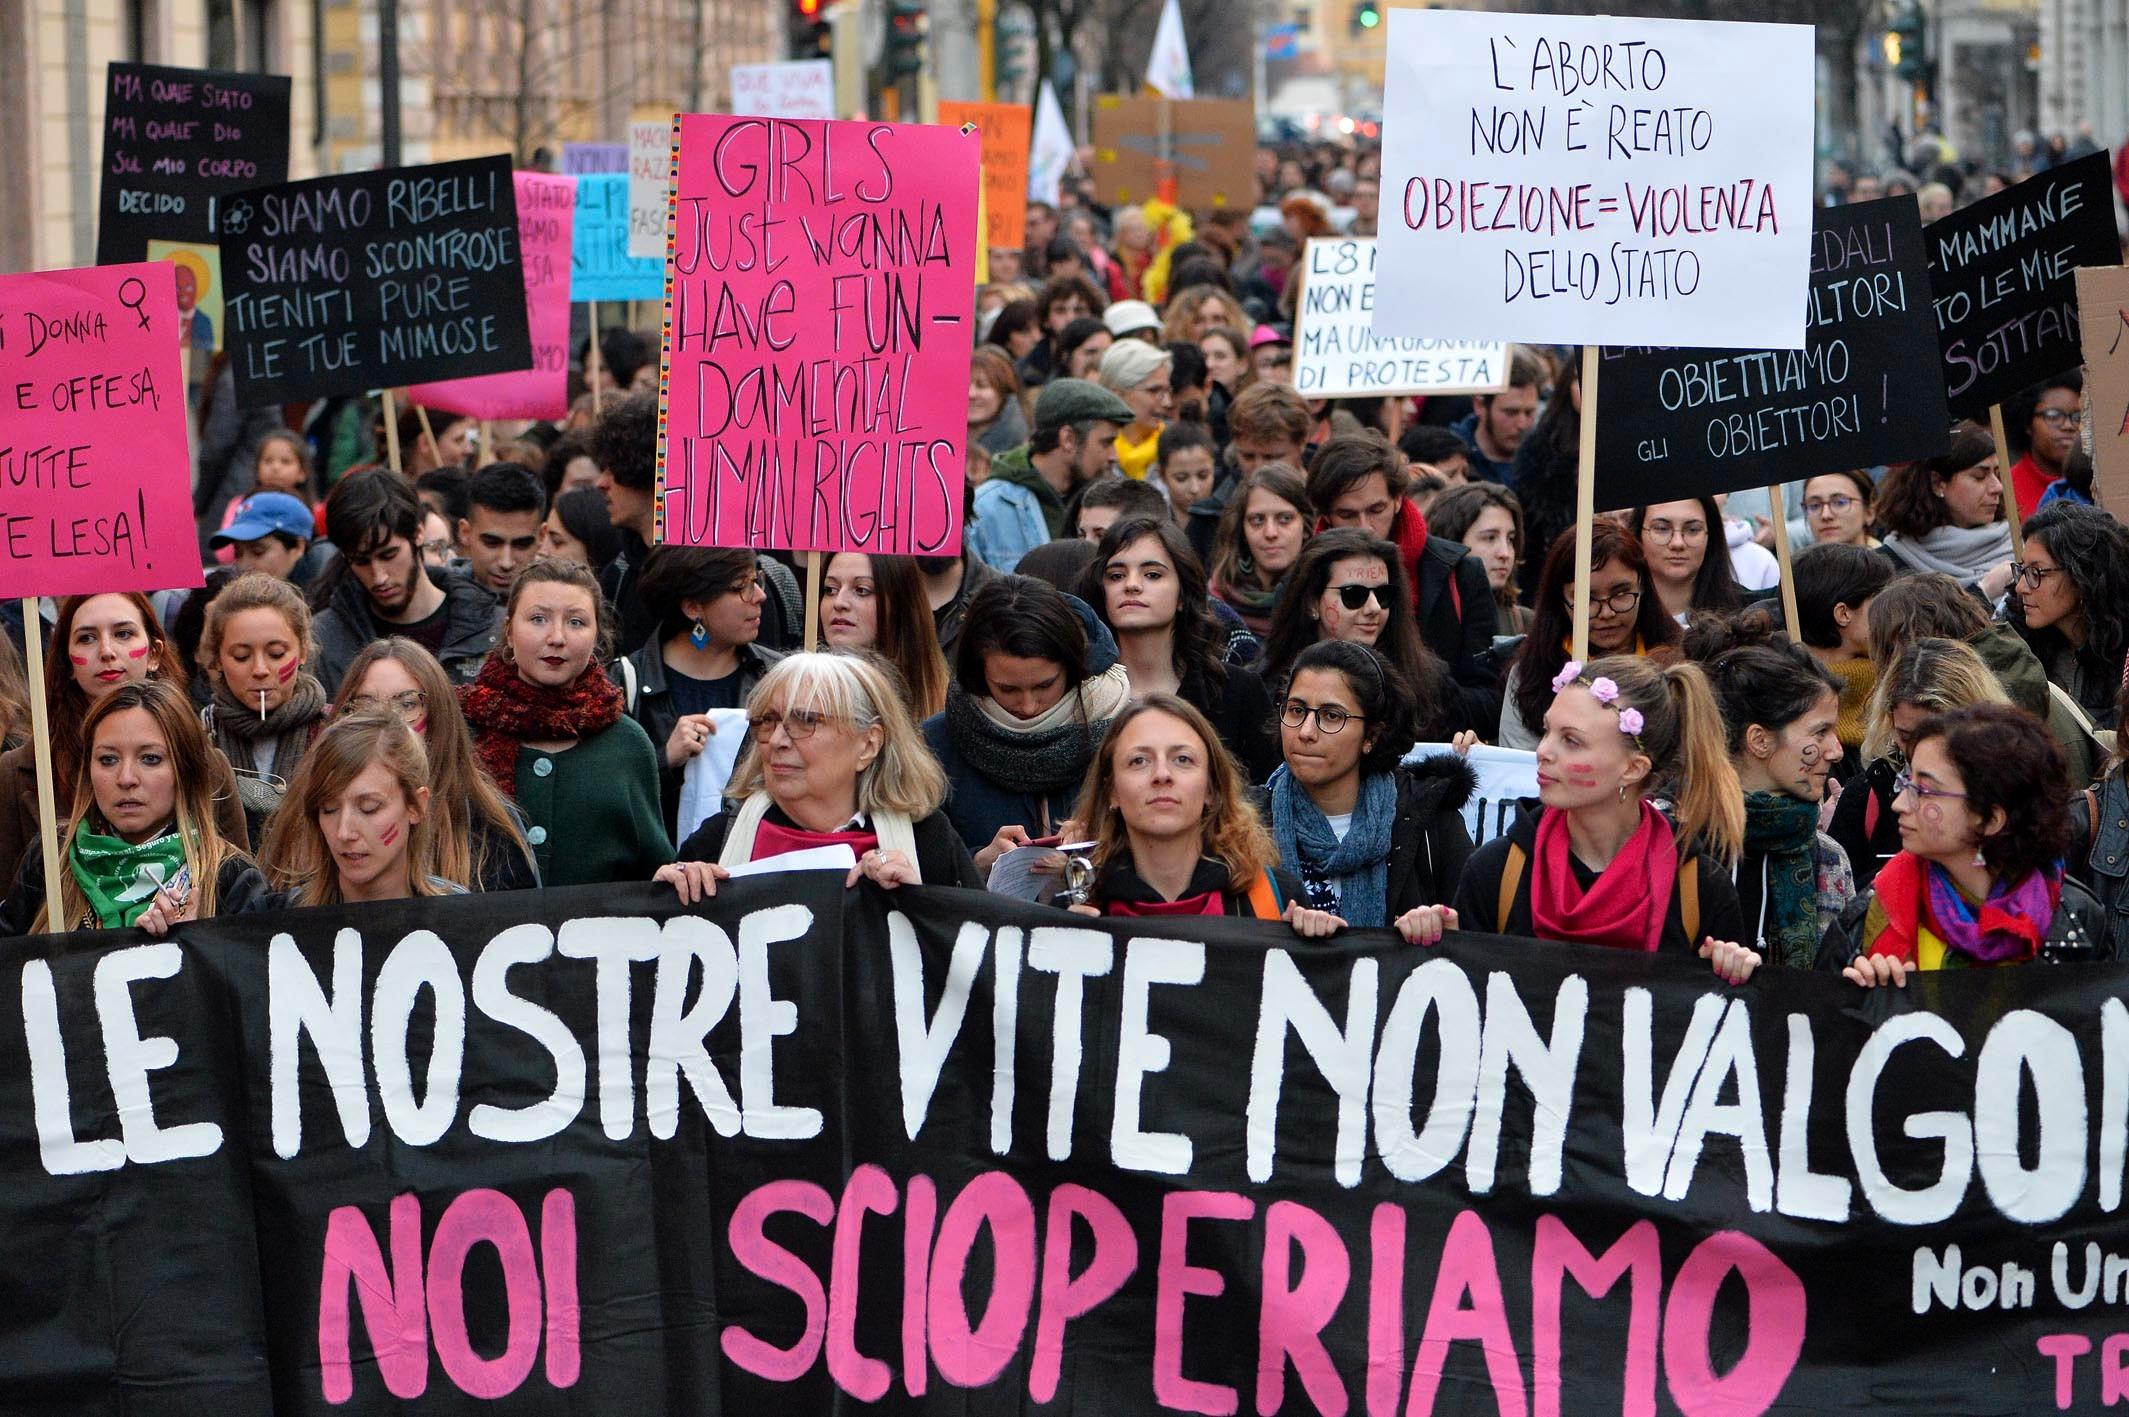 CORTEO FEMMINISTA NON UNA DI MENO GIORNATA DONNA